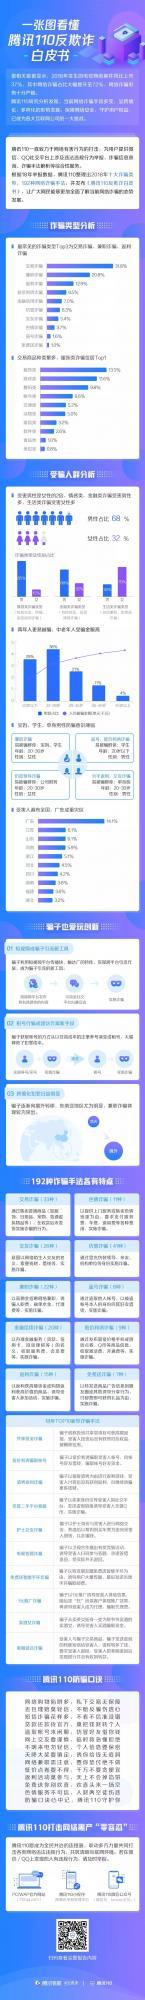 騰訊110發布反欺詐白皮書,起底網絡詐騙新花樣